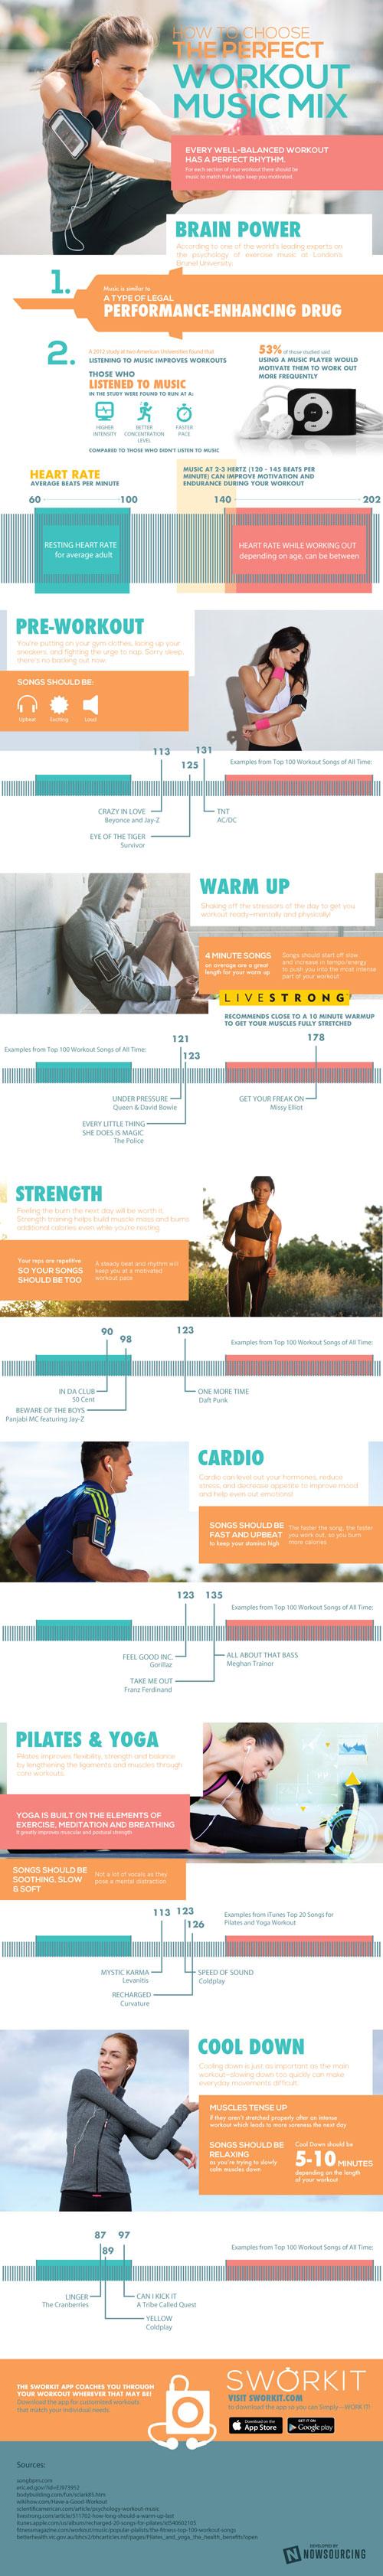 workout-music